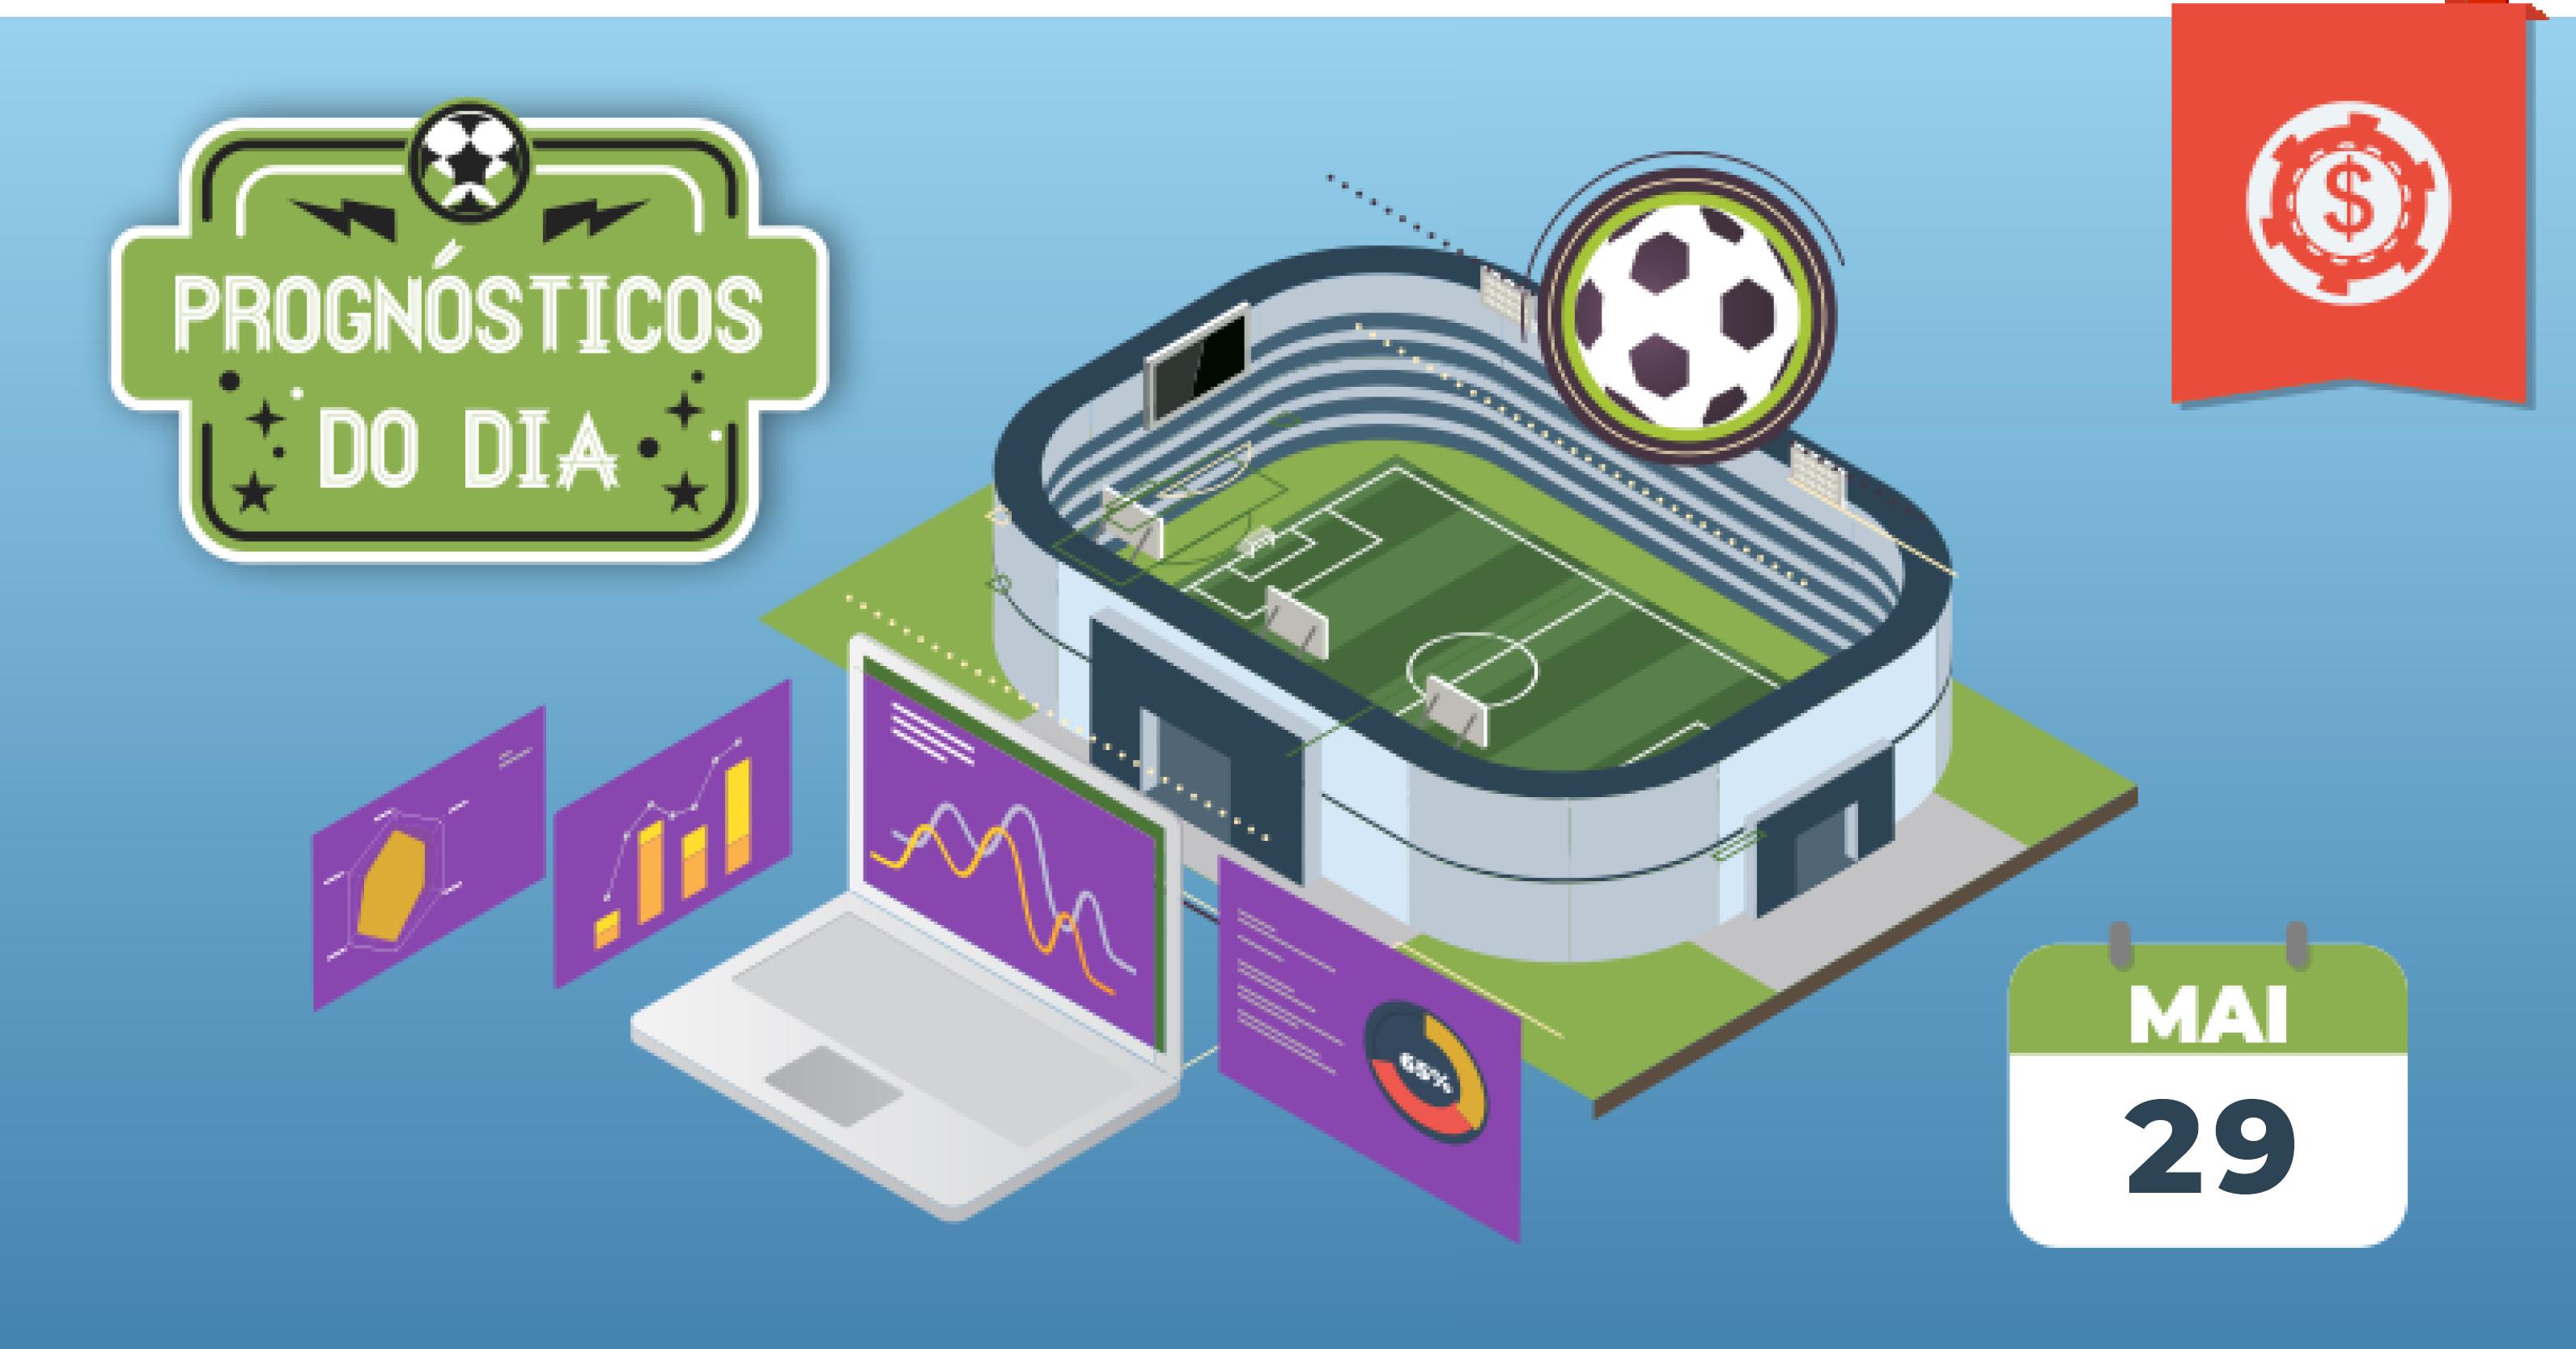 palpites-futebol-hoje-prognosticos-29-maio-2020